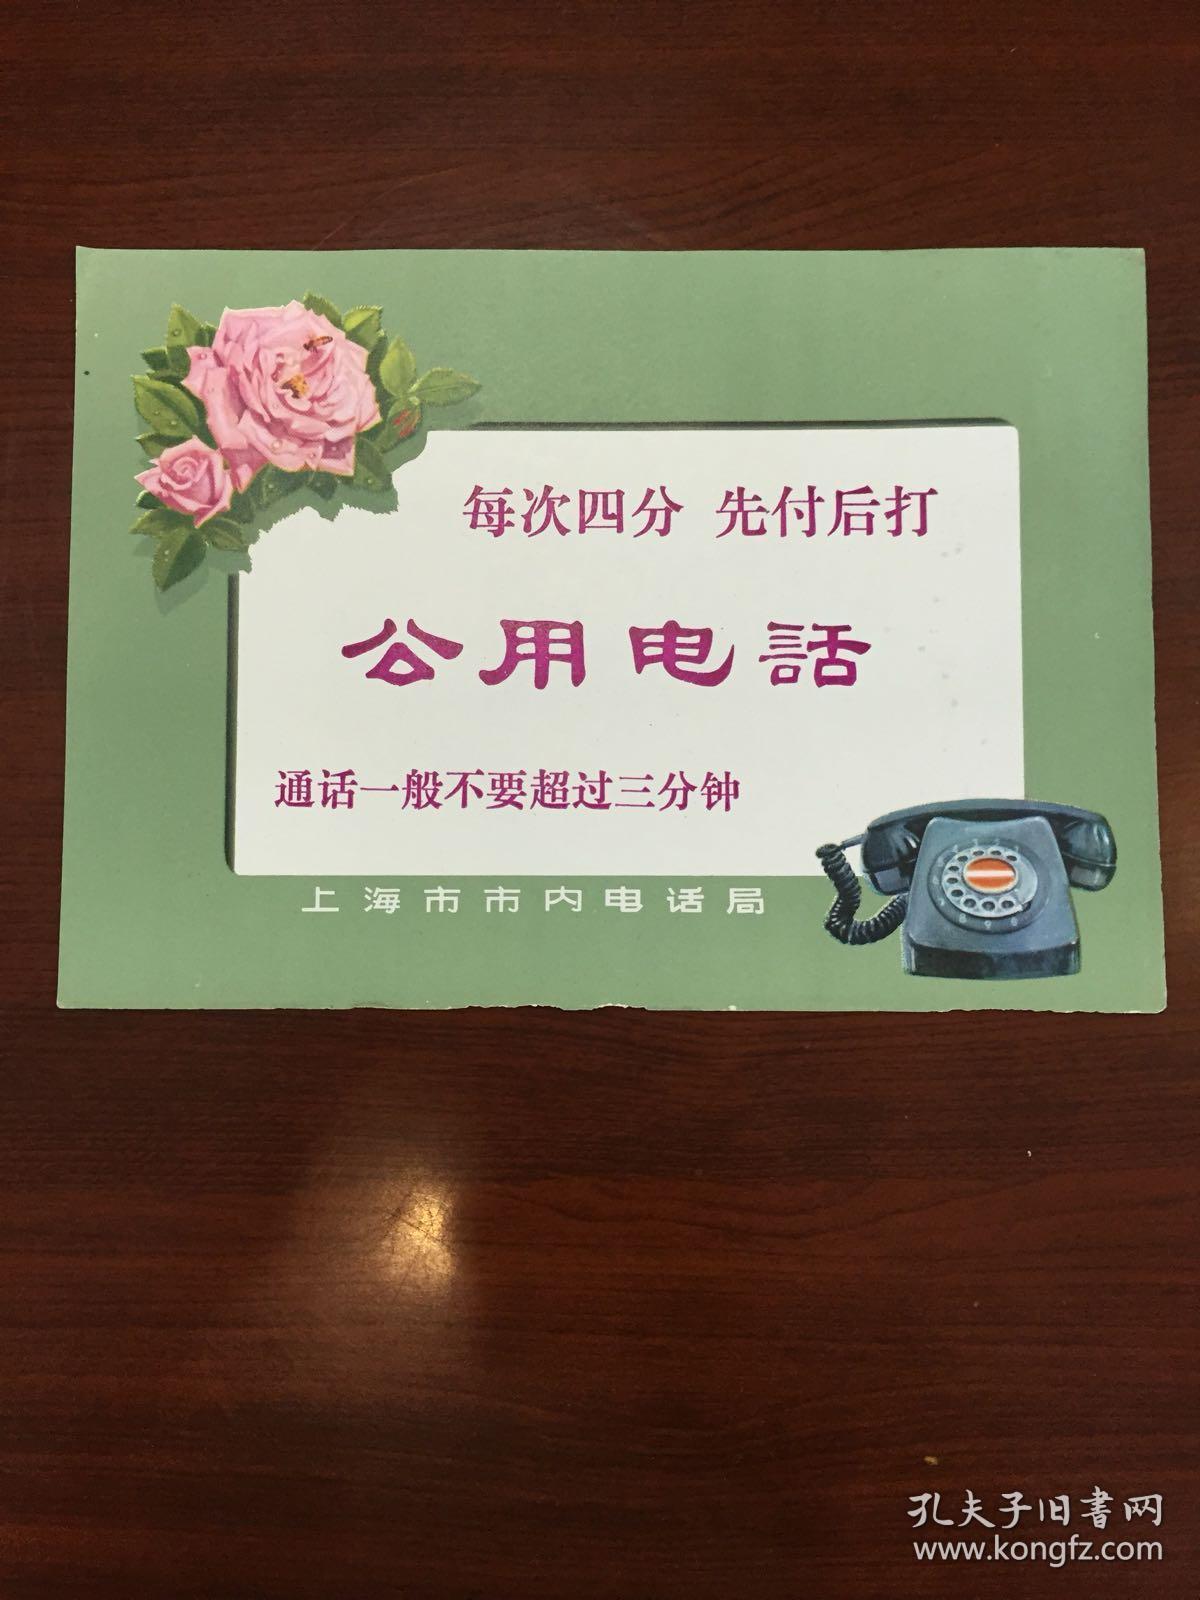 上海市市区电话局